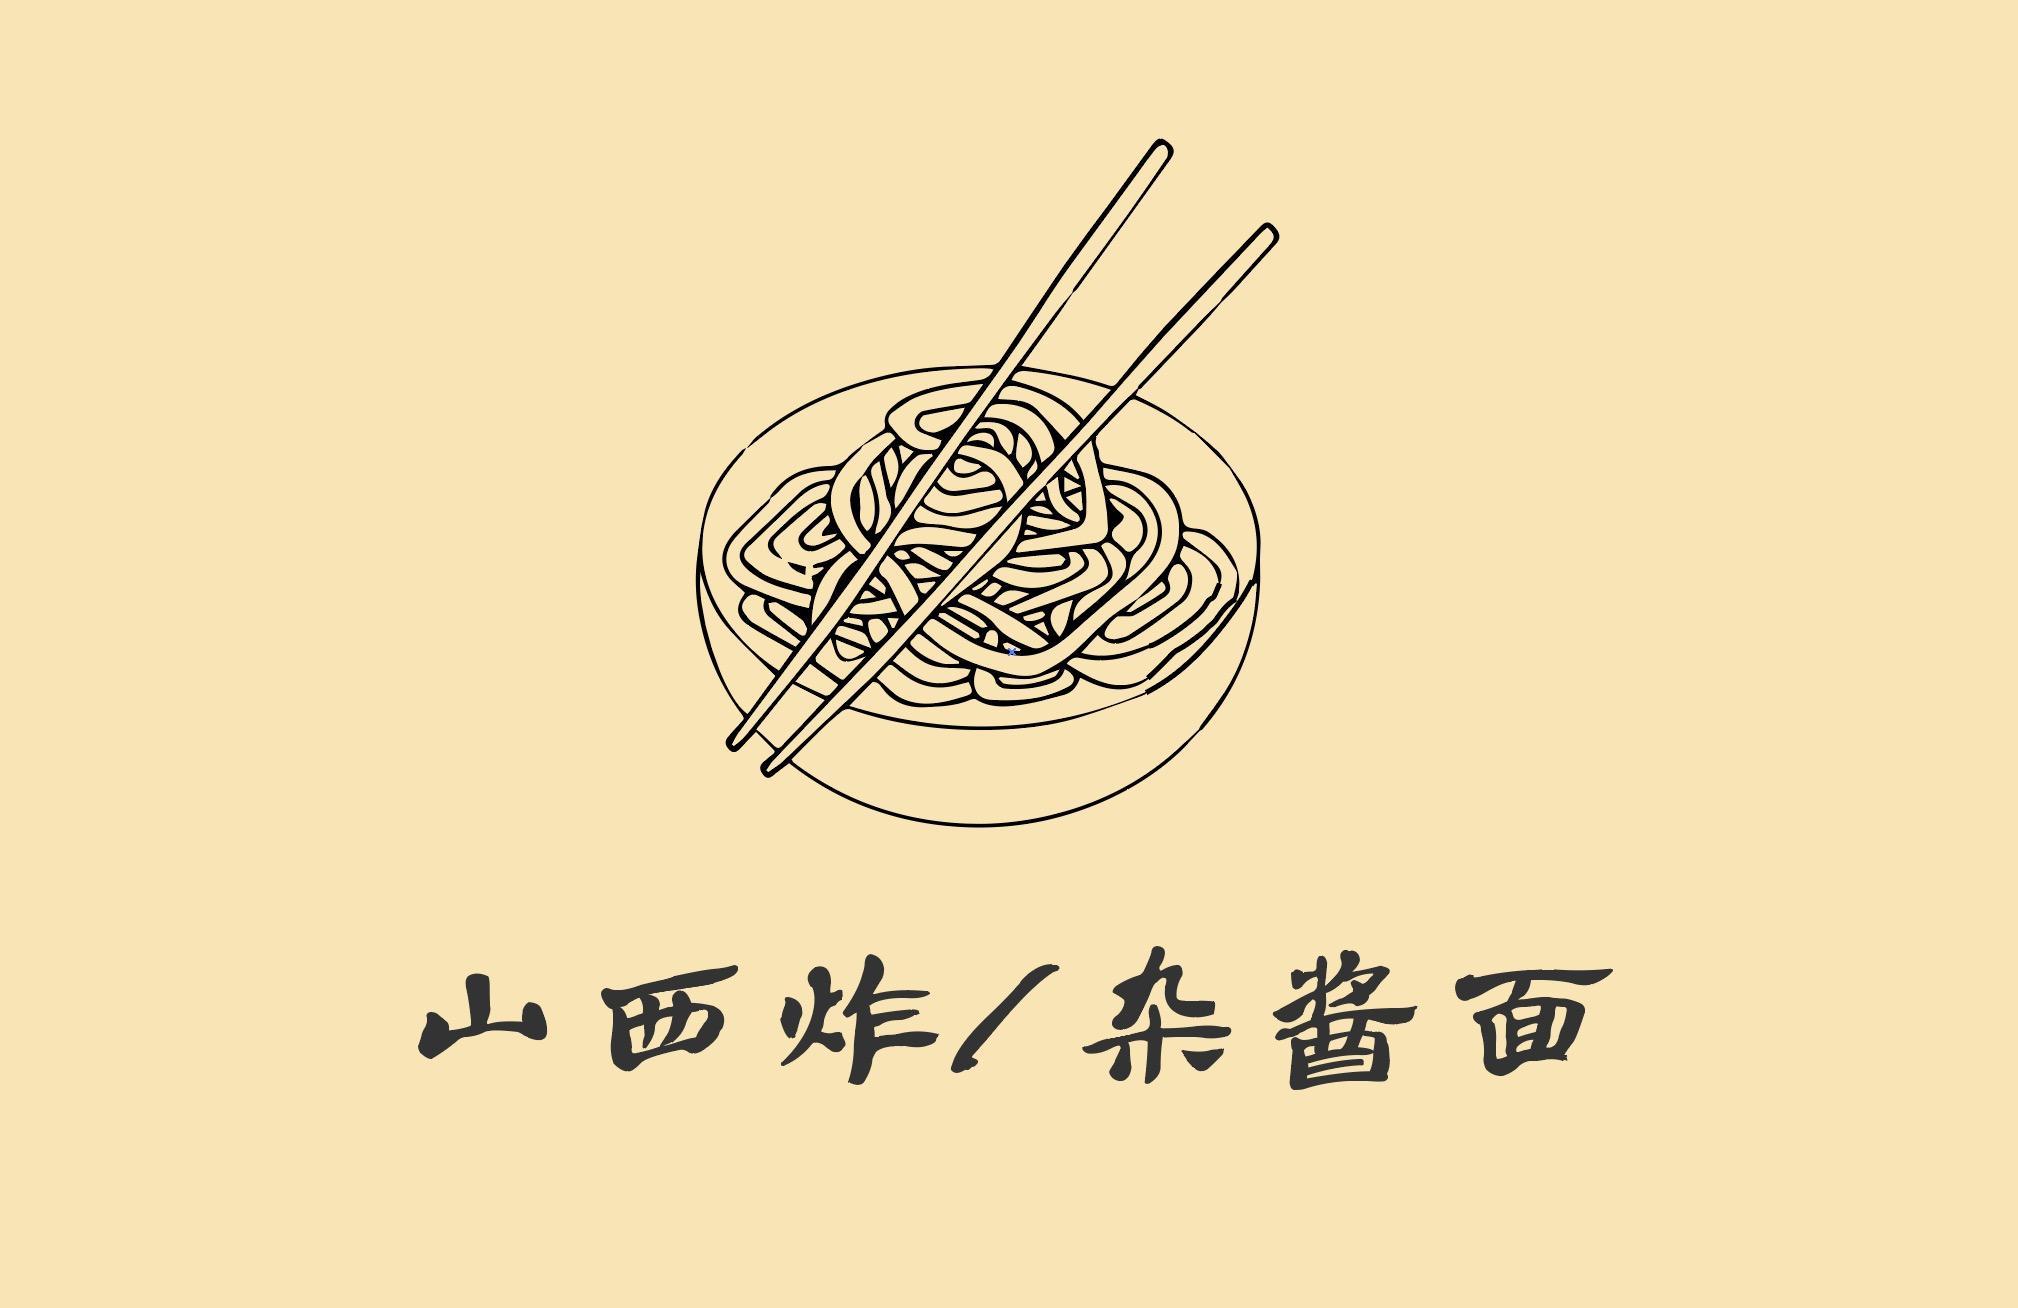 山西炸酱面和北京炸酱面有什么区别?